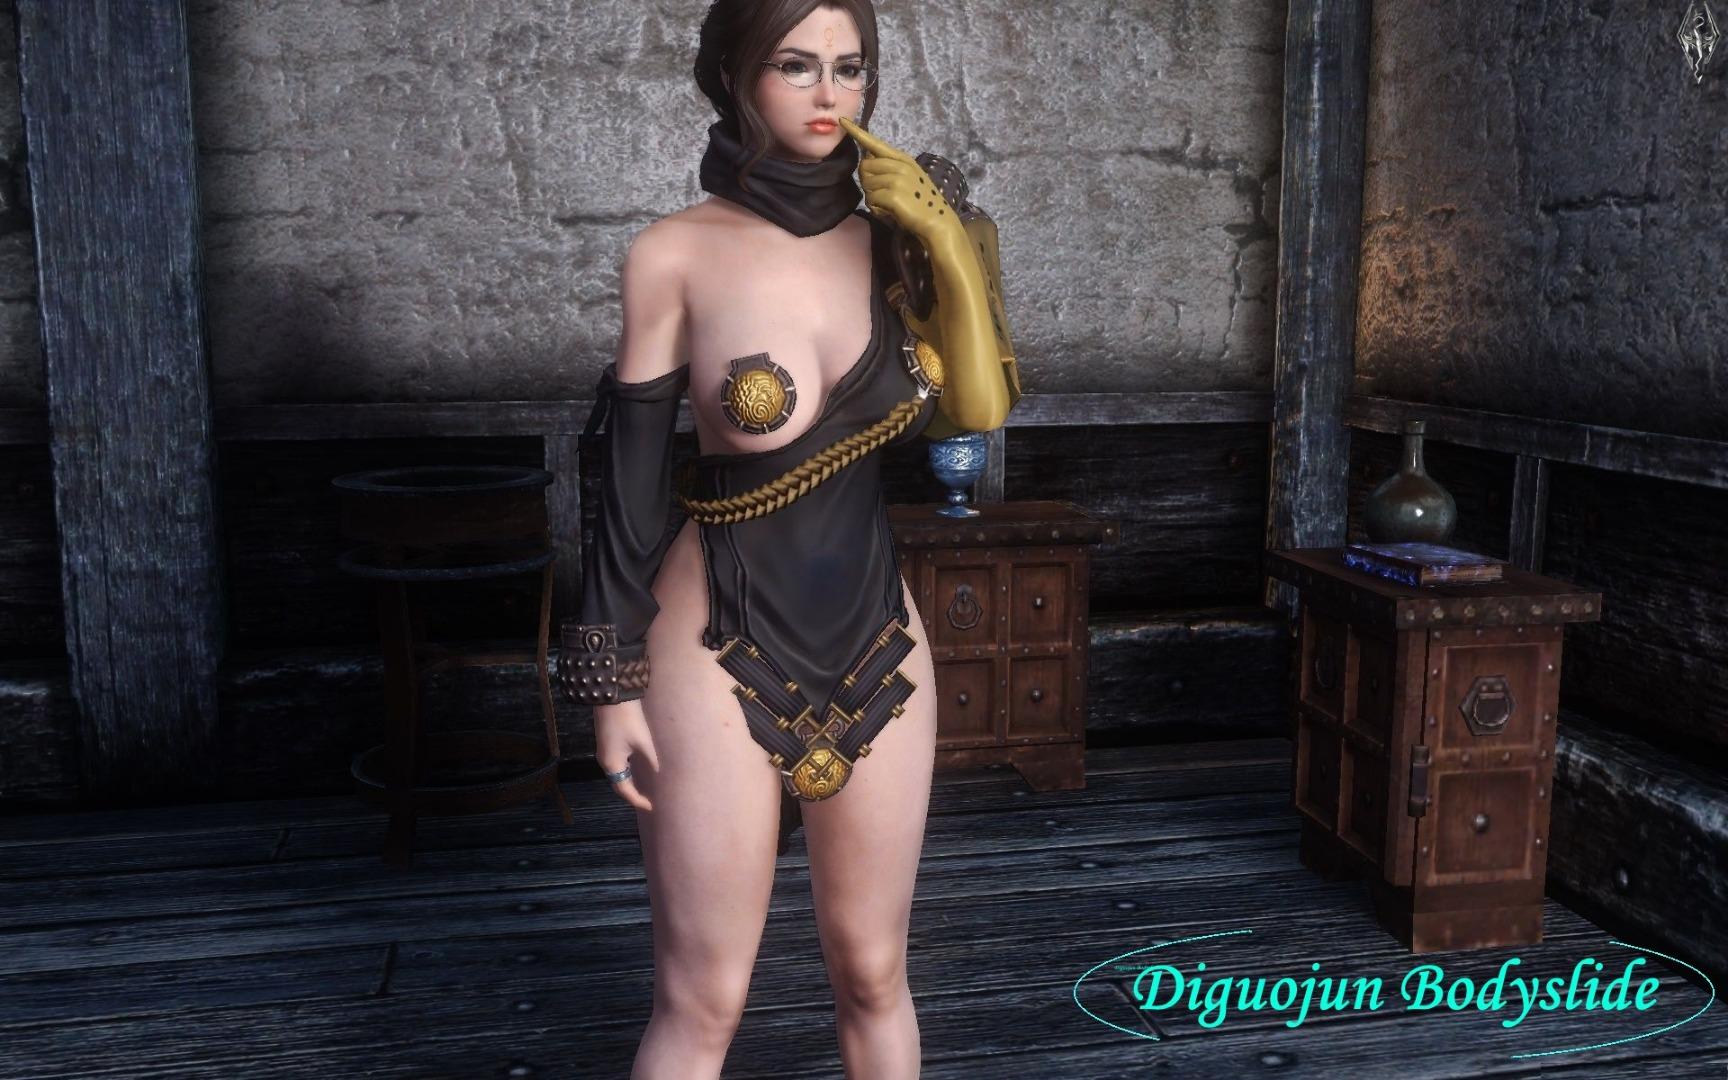 Diguojun_Bodyslide.jpg